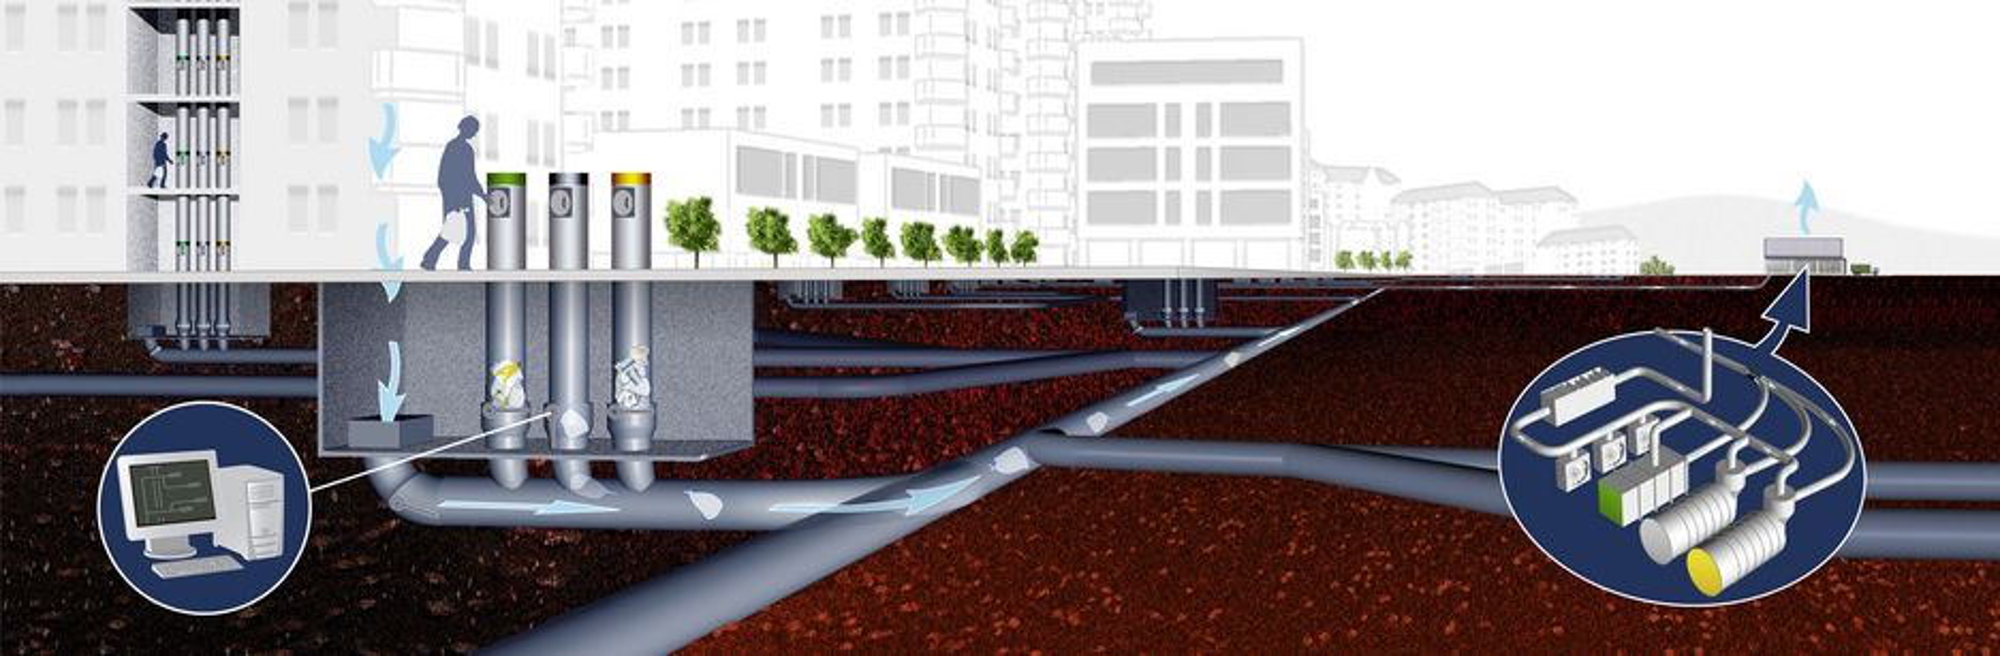 AVANSERT AVFALLSSYSTEM: Søppel som kastes inn i de enkelte avfallspunkter vil ved hjelp av vakuumteknikk bli transportert til to avfallssentraler og derfra videretransportert til materialgjenvinning og energigjenvinning.